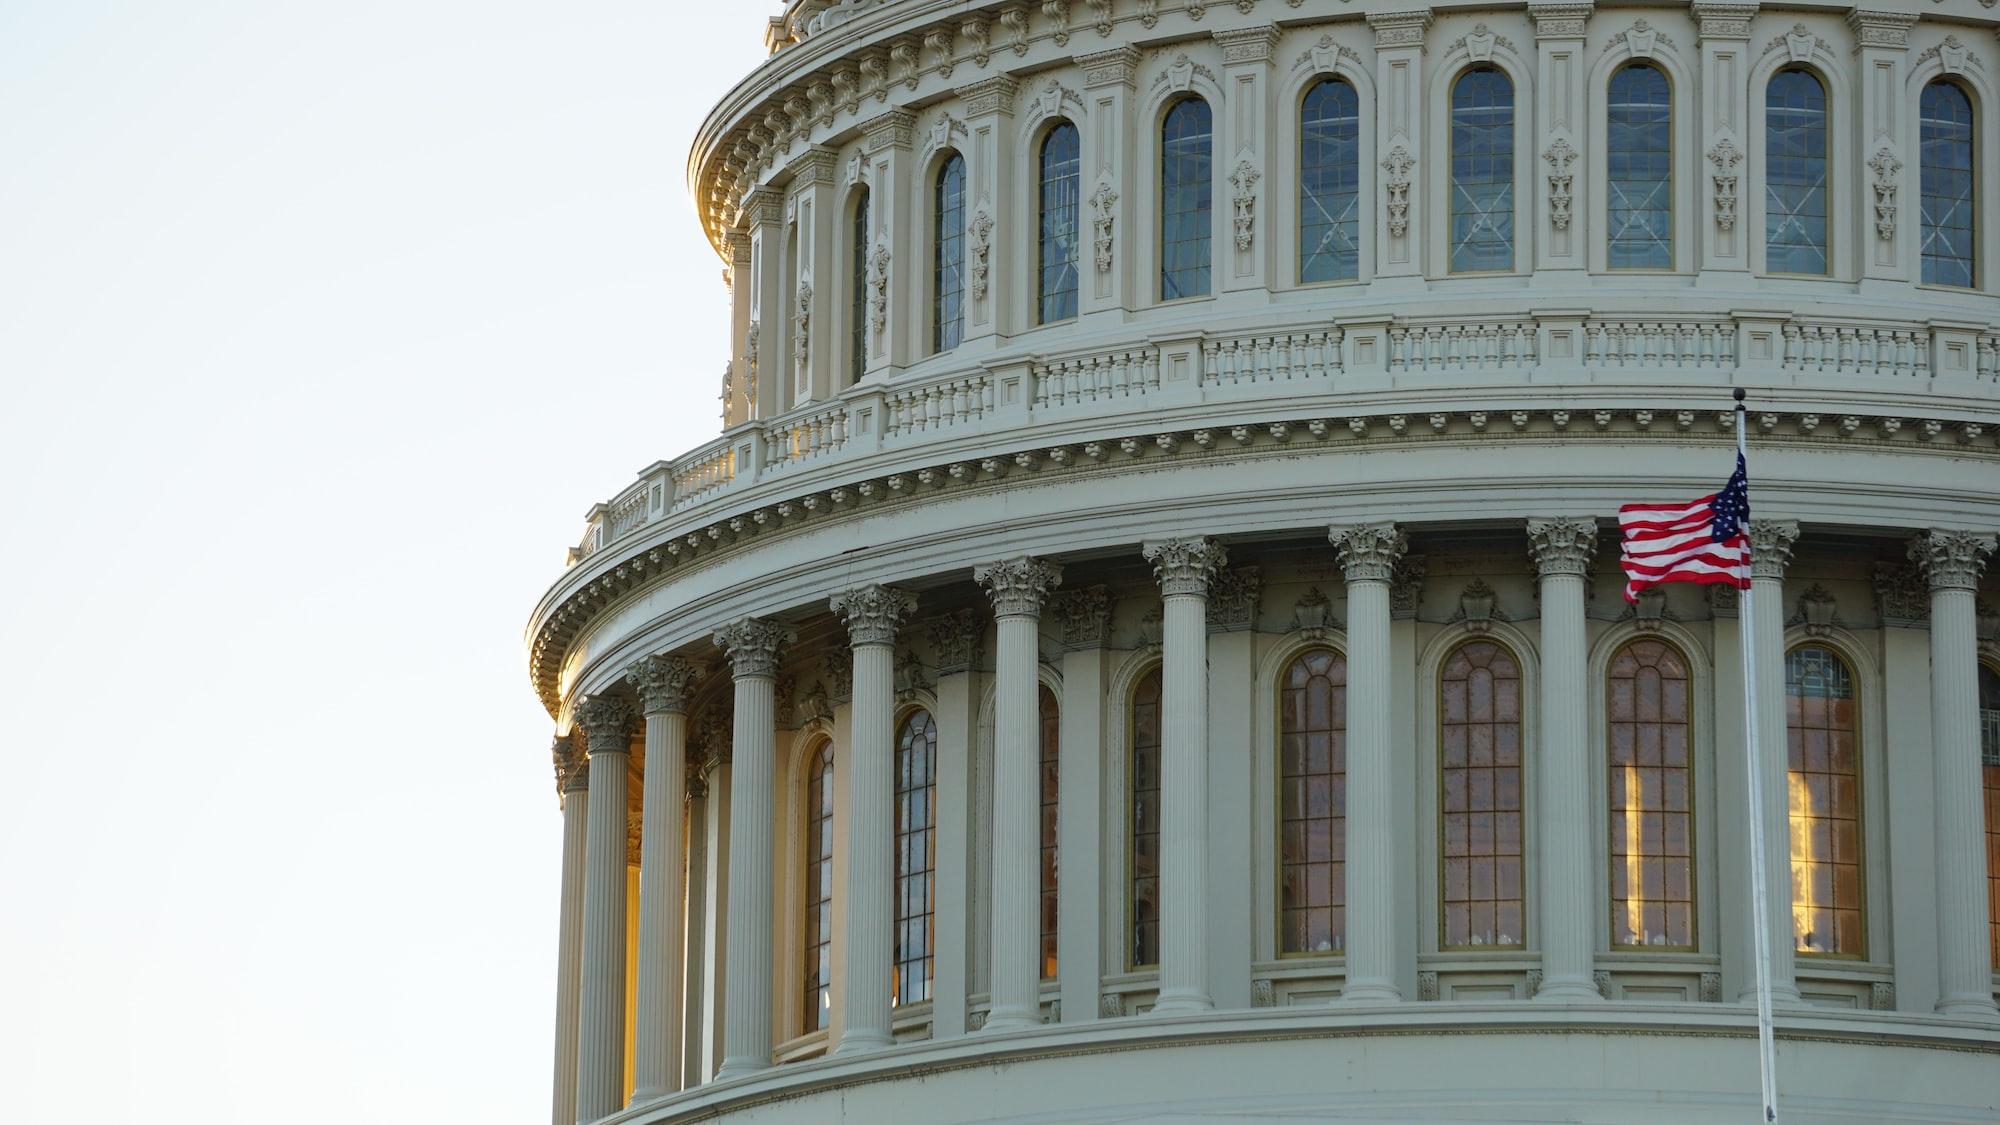 В Сенате США представили законопроект, направленный против App Store и Google Play. С ним не согласны лоббисты корпораций